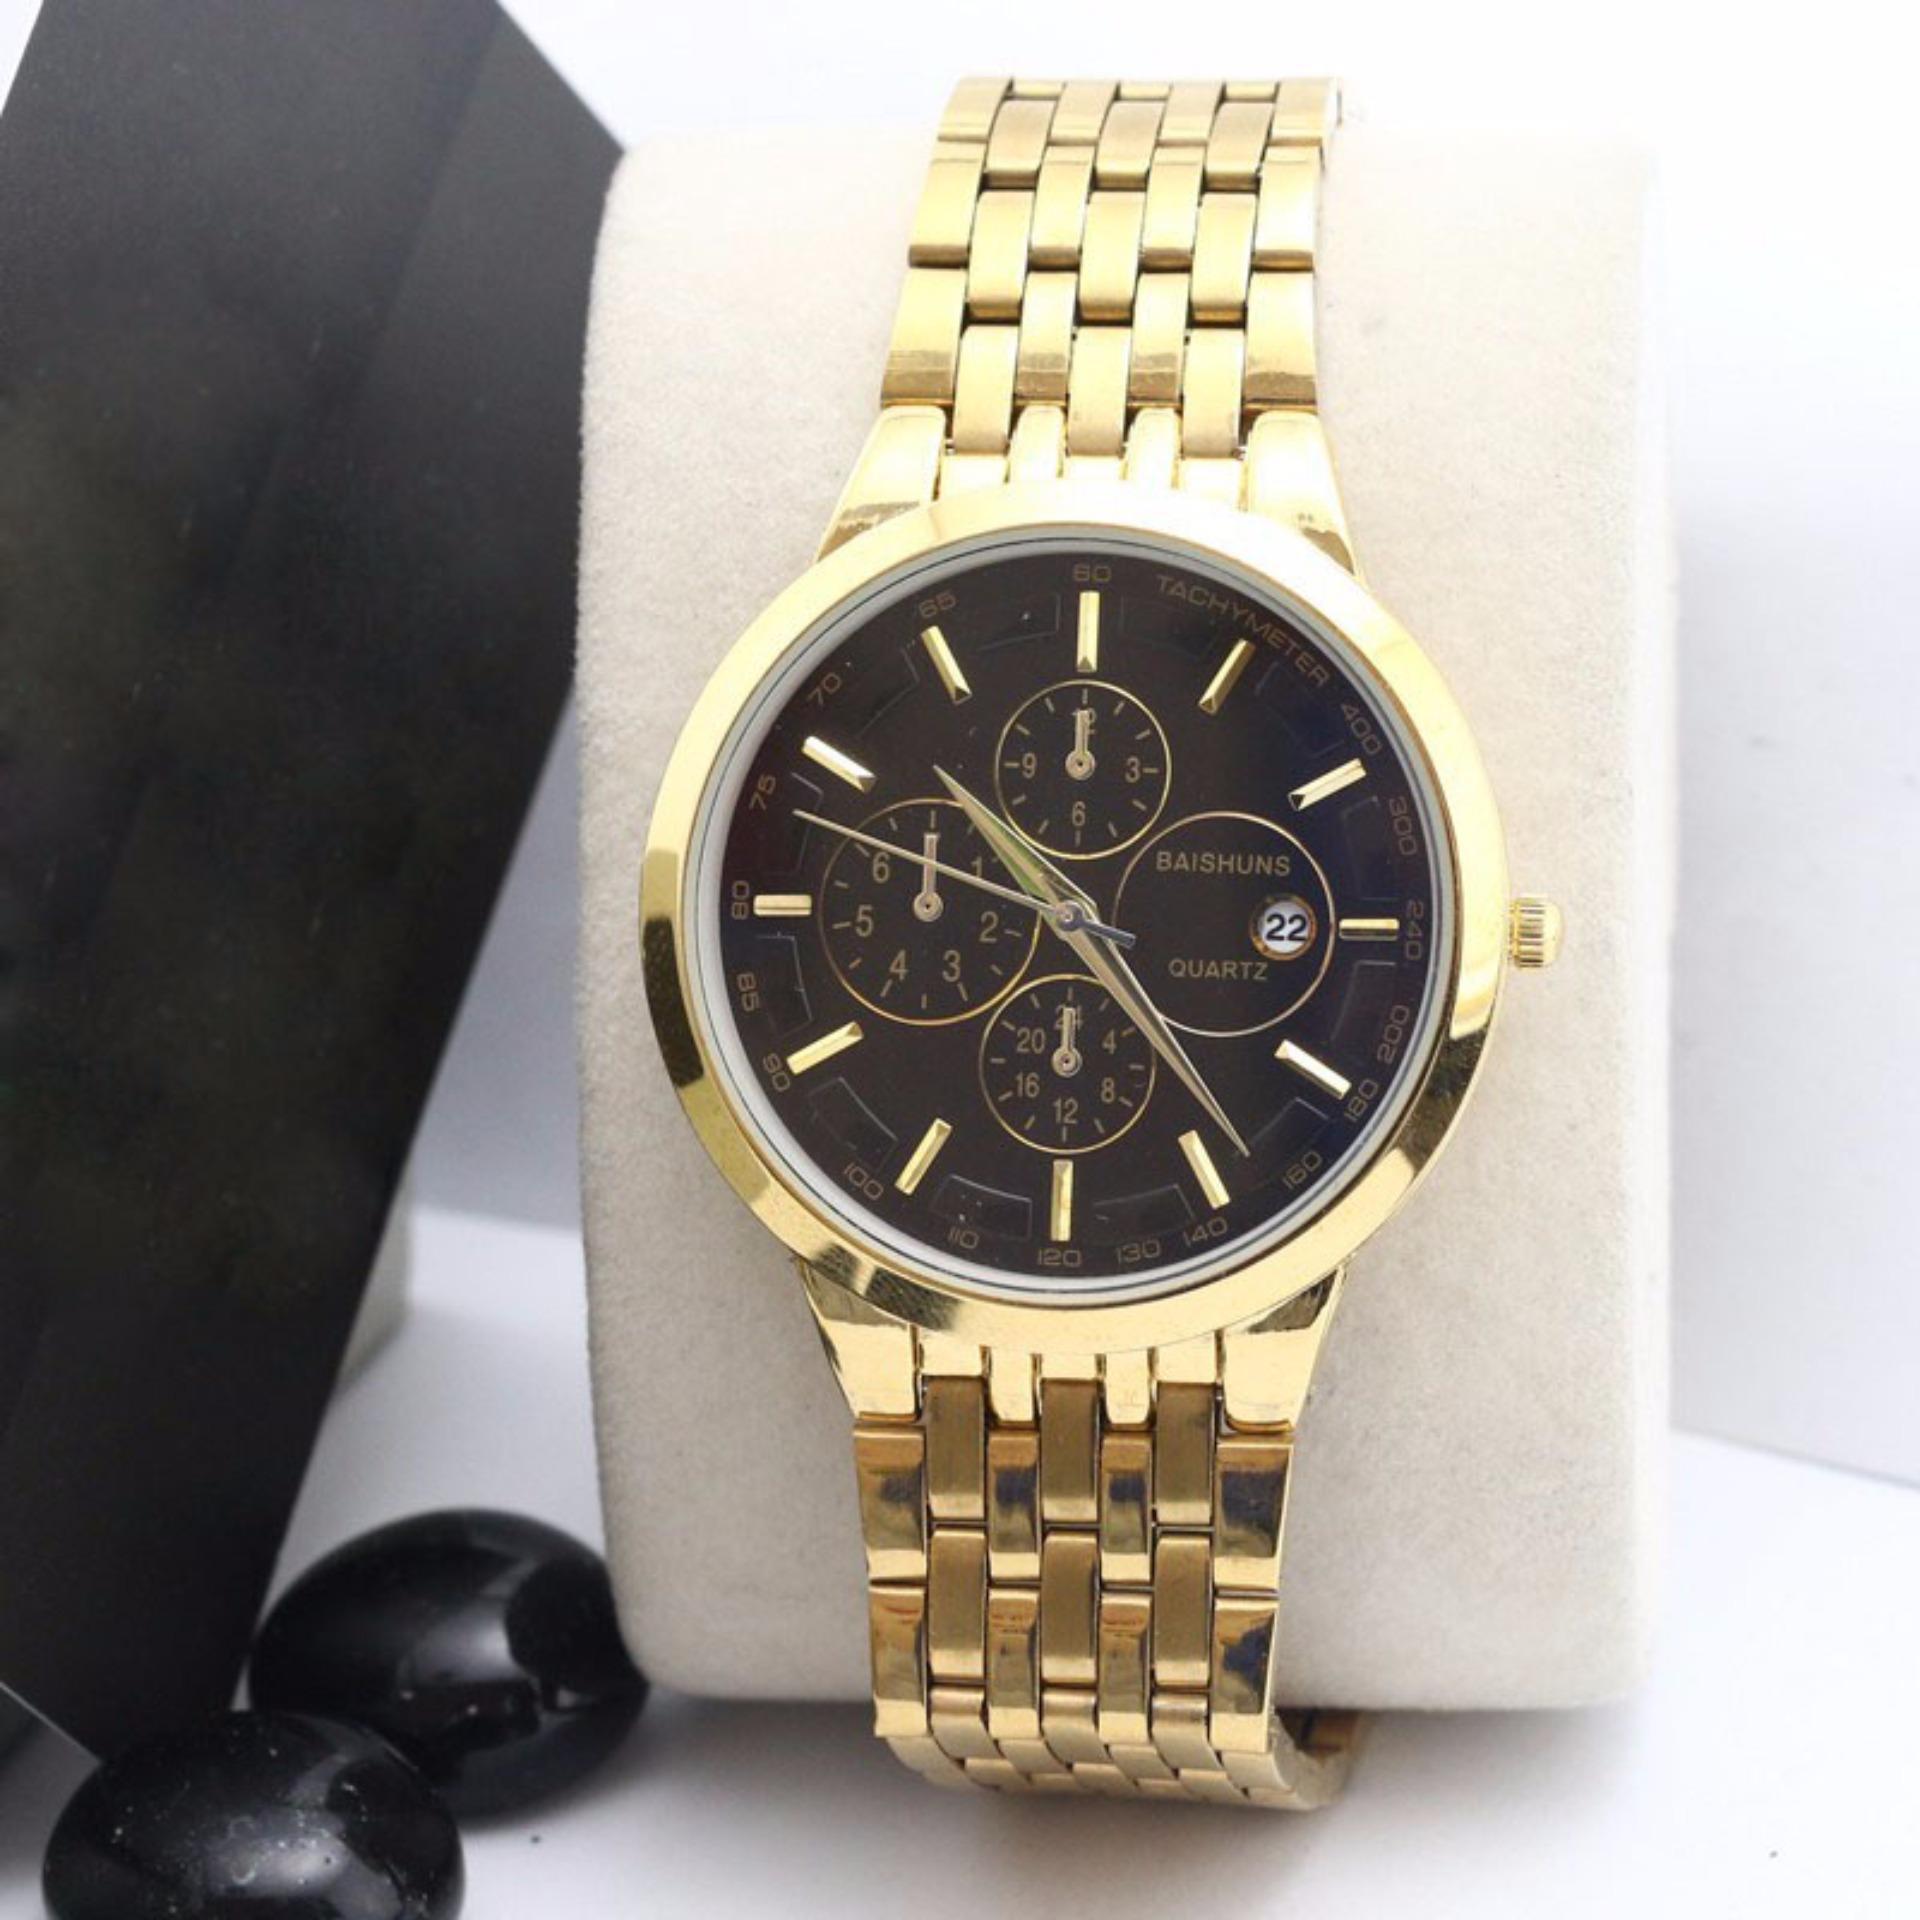 Đồng hồ nam baishuns dây vàng mặt đen